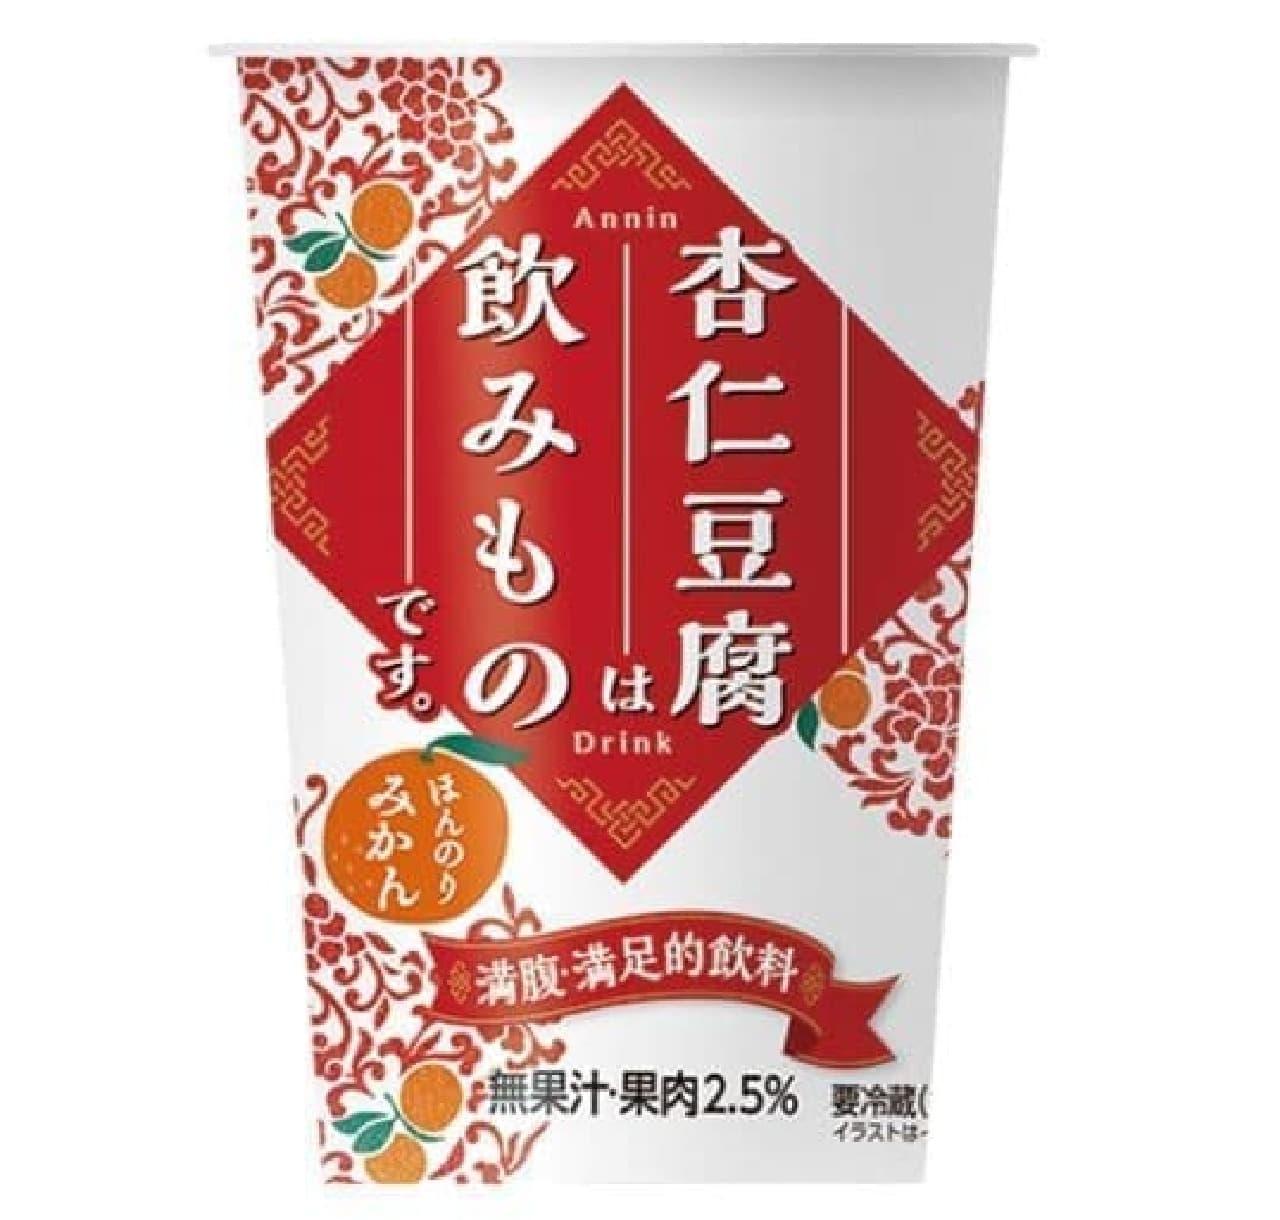 ファミリーマート「杏仁豆腐は飲みものです。ほんのりみかん」